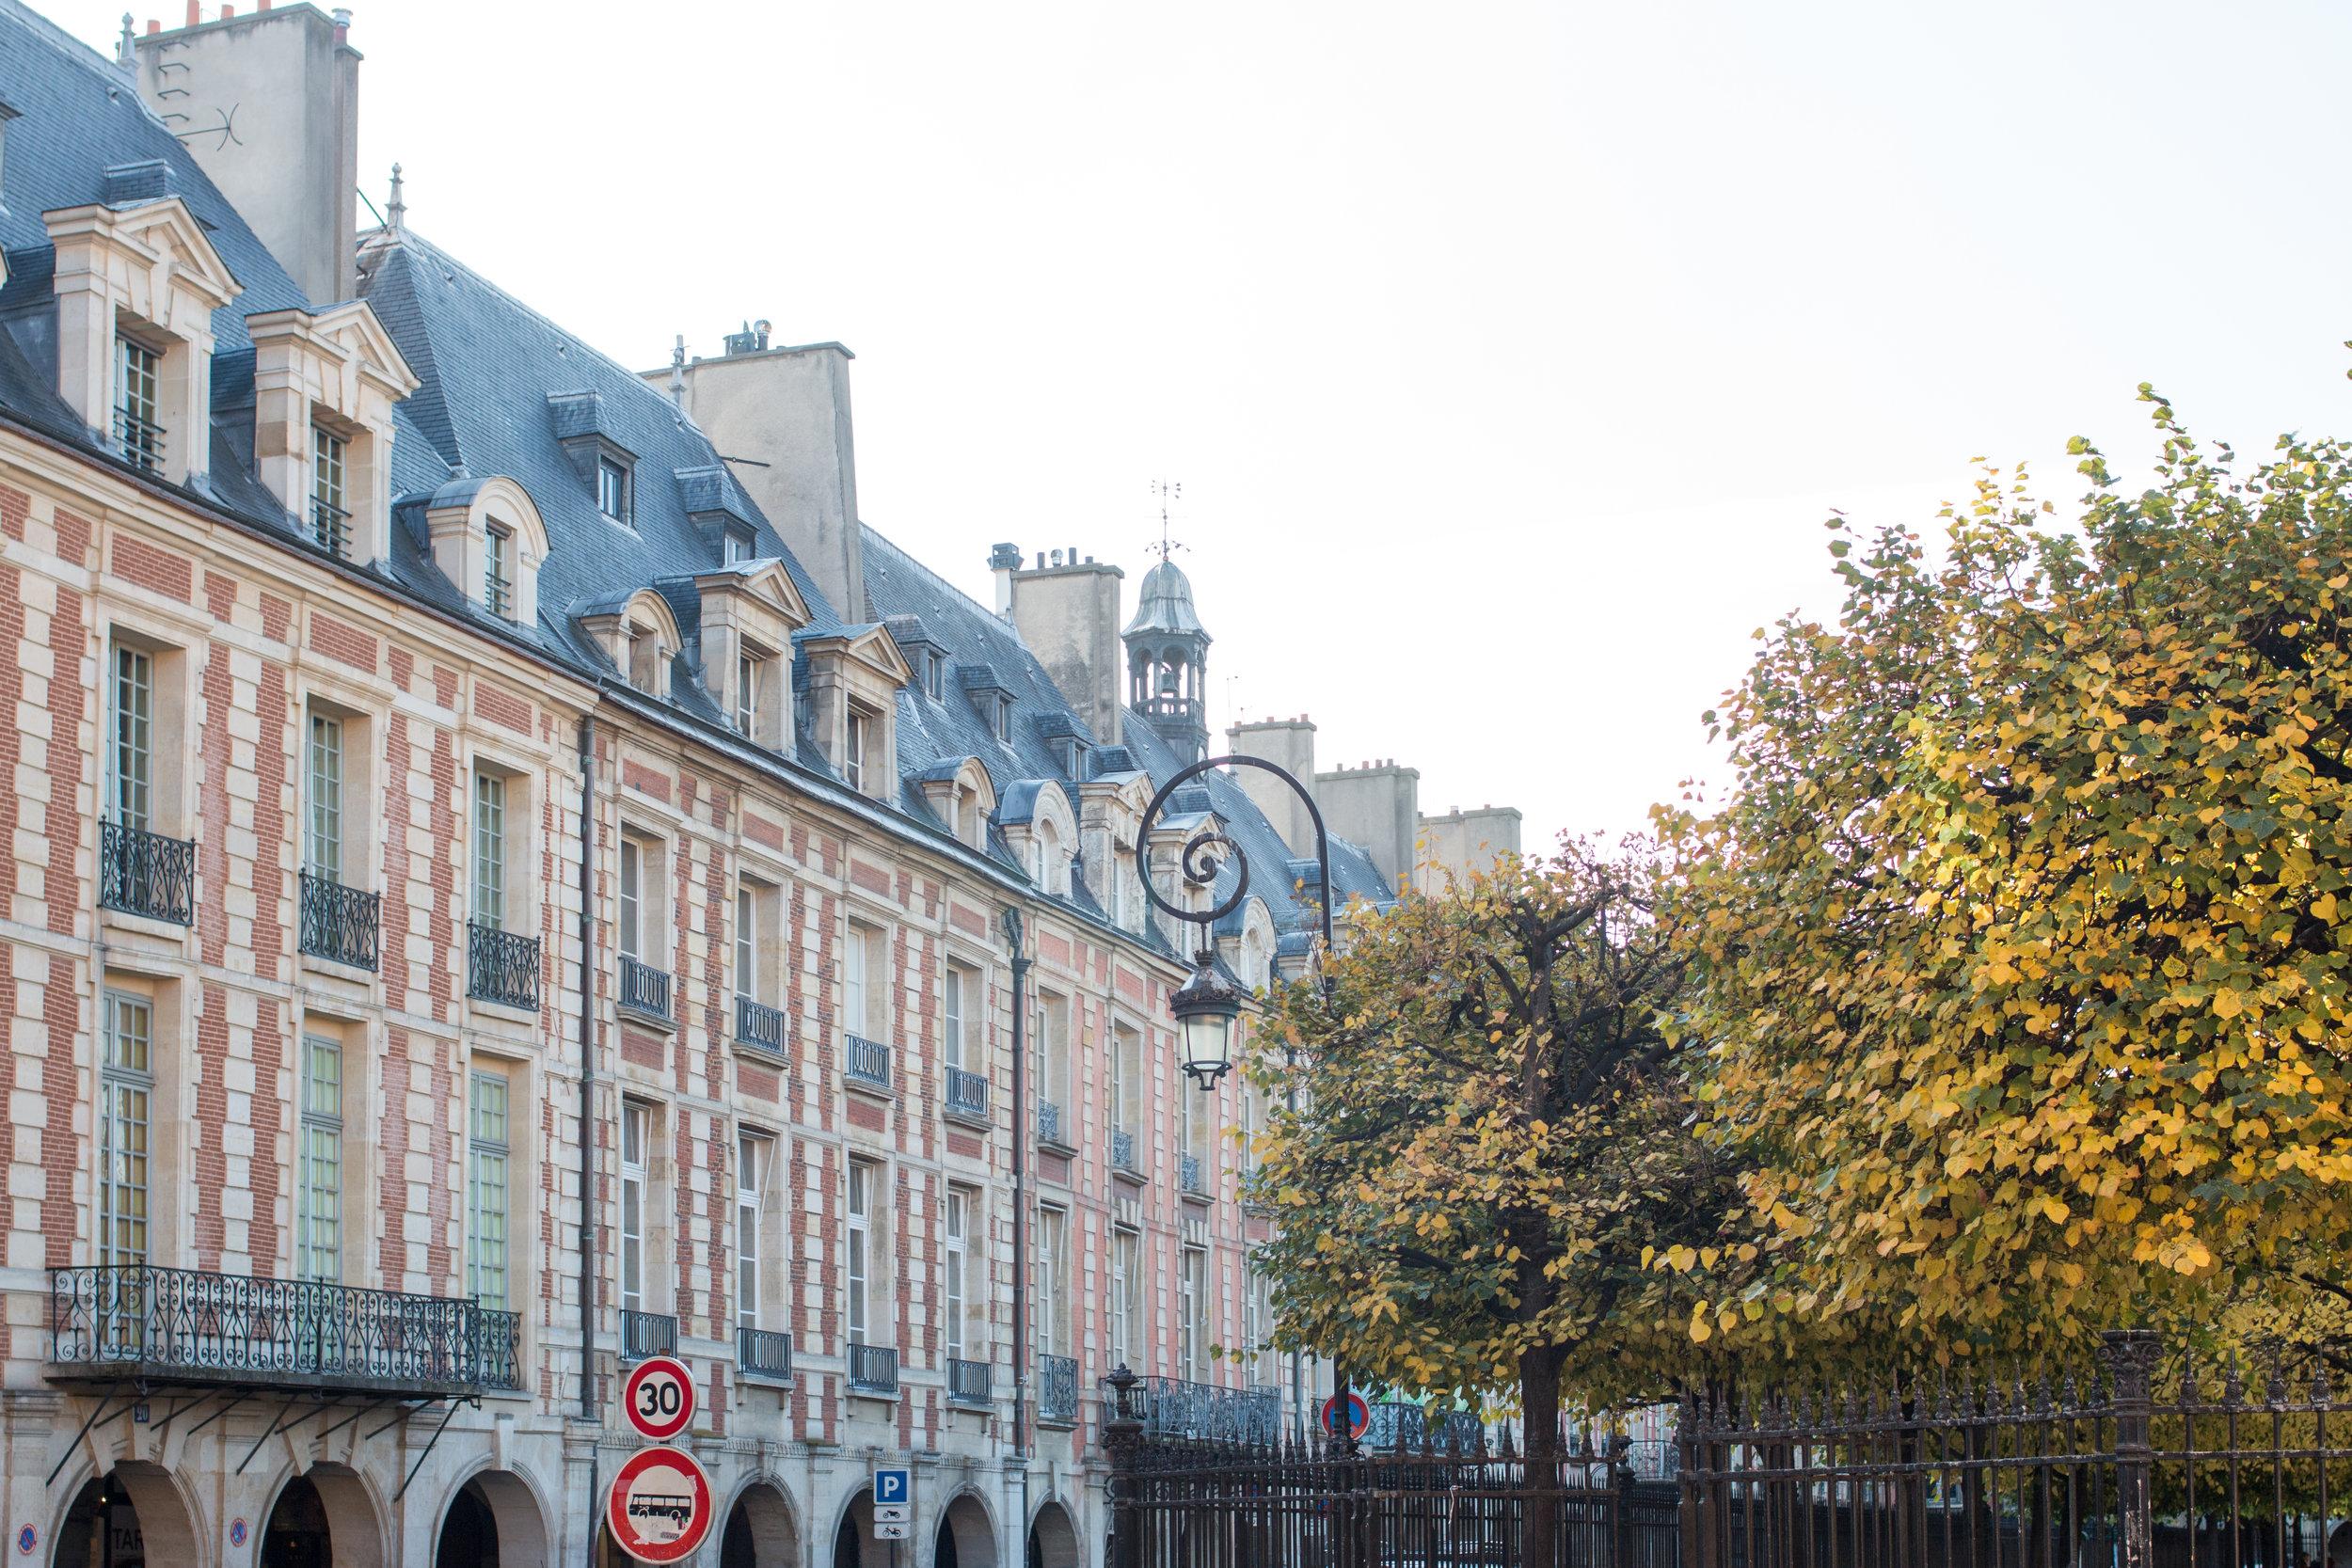 Place de Vosges @rebeccaplotnick